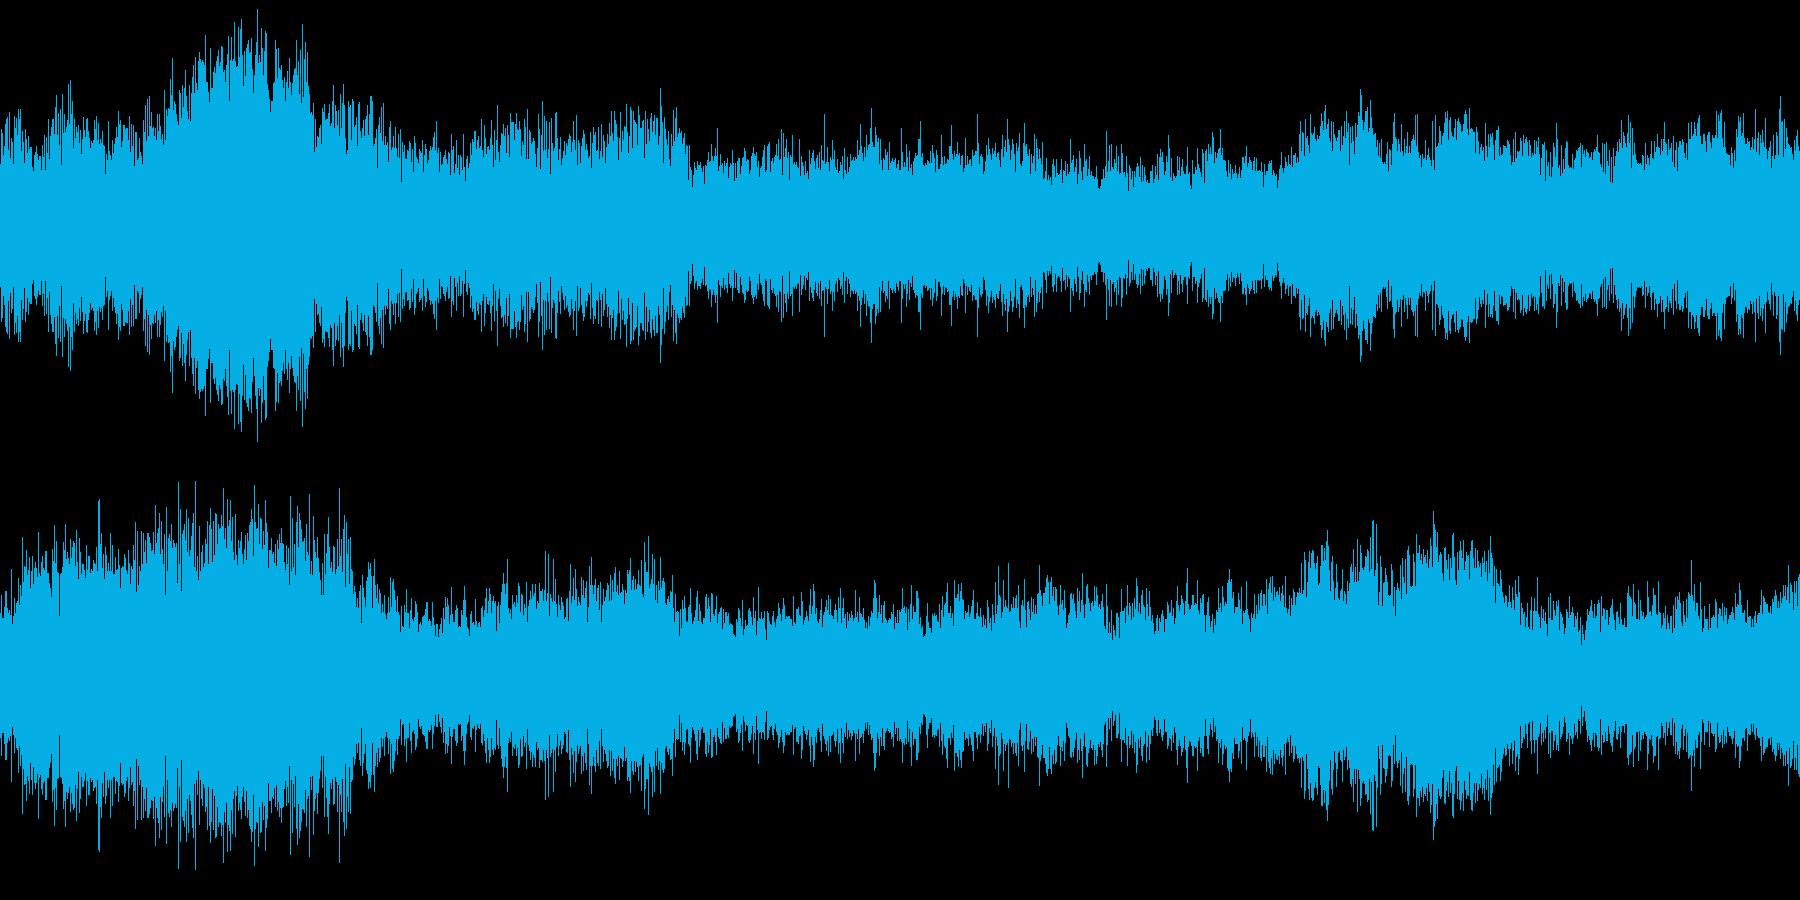 ダンジョン3 RPG ゲーム ループの再生済みの波形